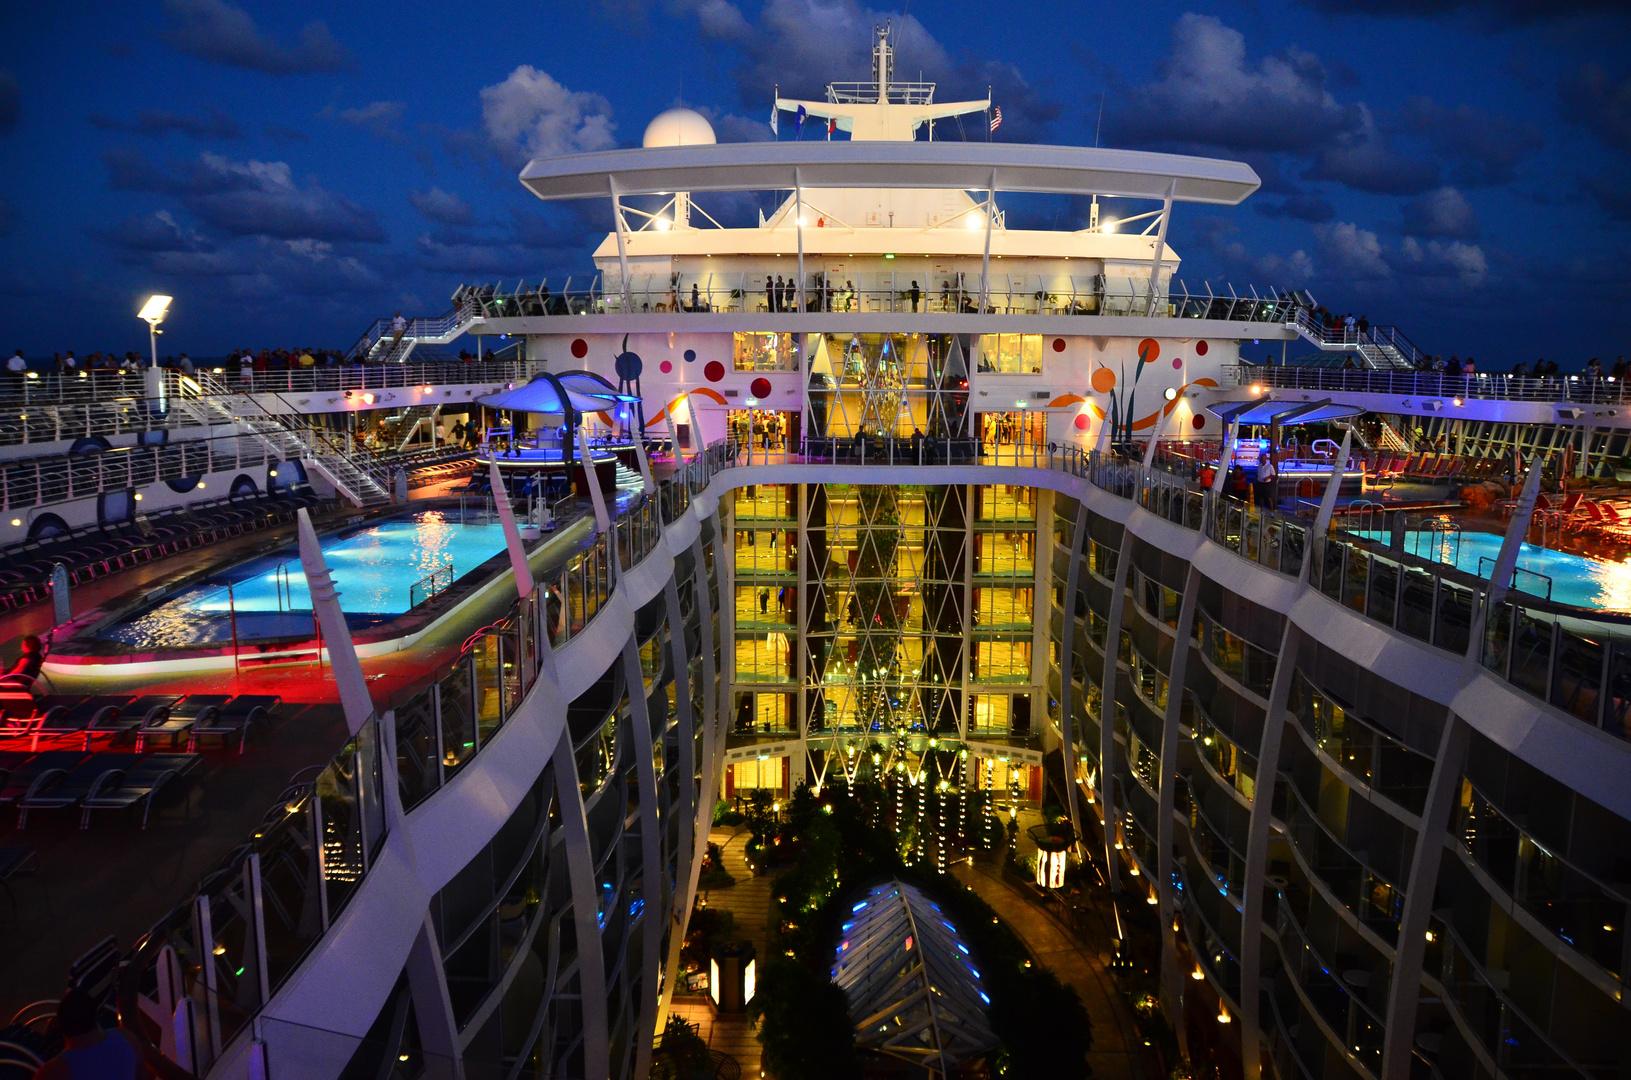 Allure of the Seas - das zur Zeit noch größte Kreuzfahrtschiff der Welt